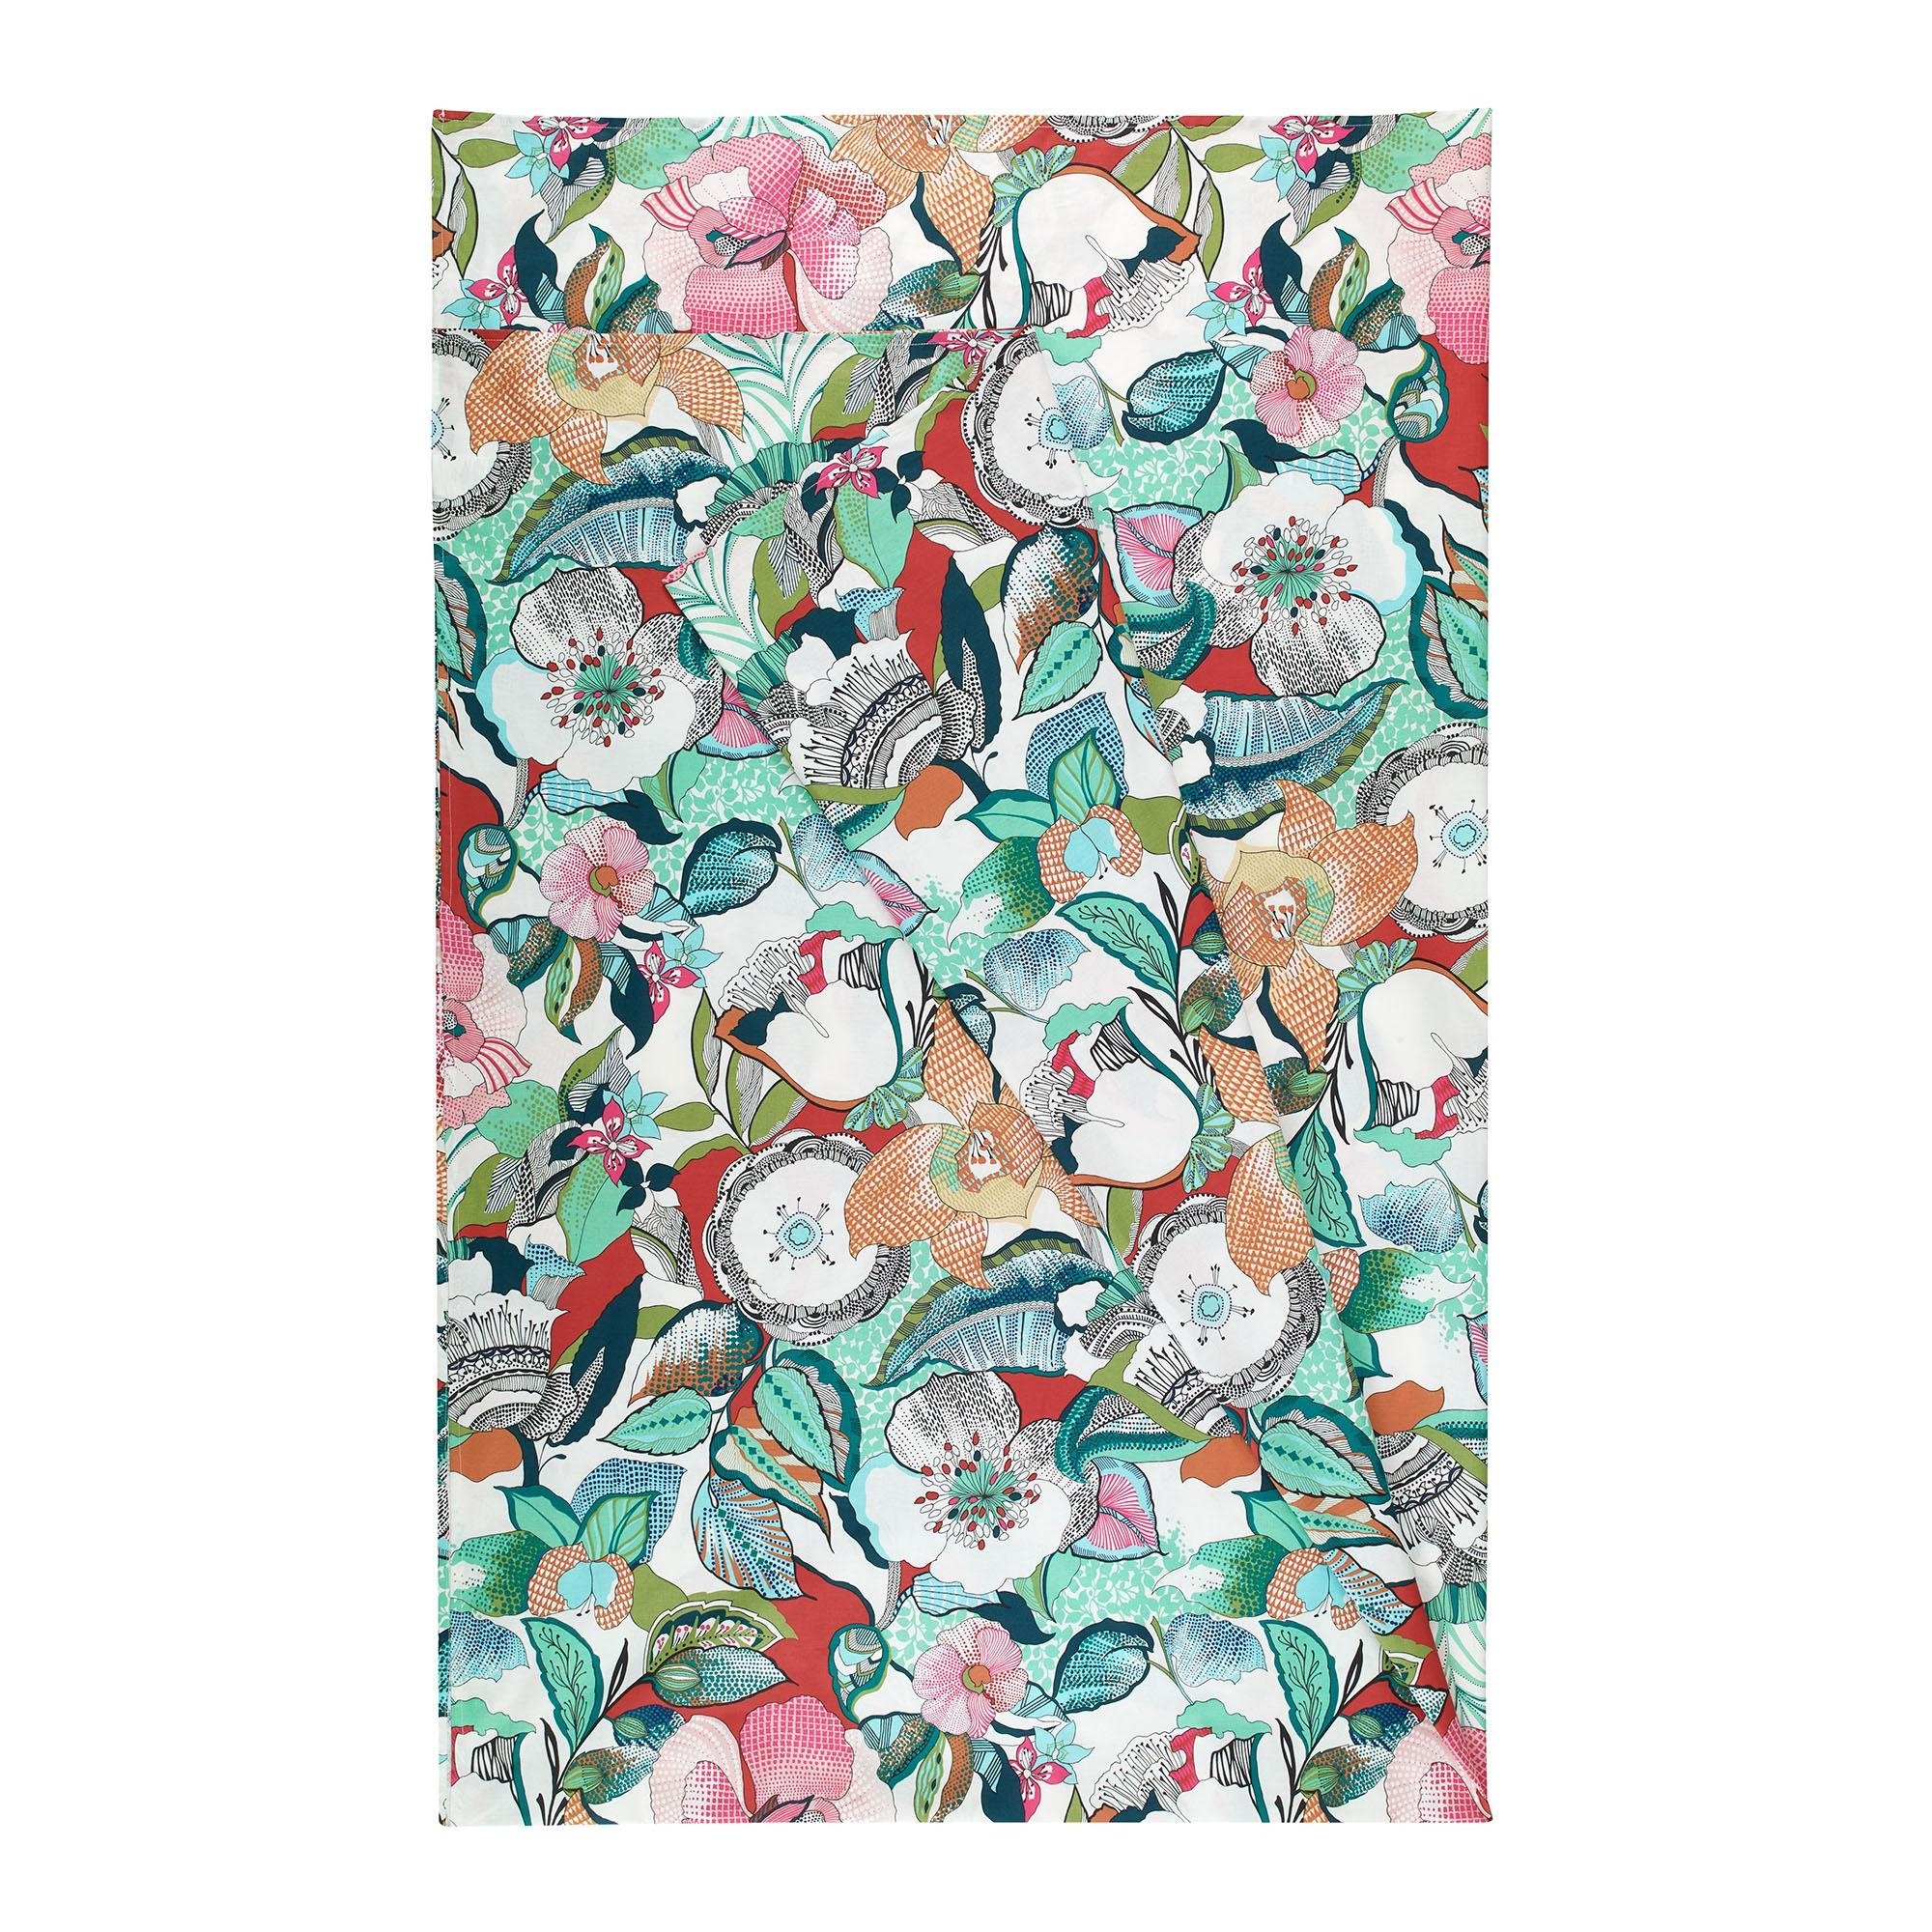 Foulard Per Divani Bassetti.Dettagli Su Bassetti Life Foulard Telo Arredo Gracefull 1 Multicolore Puro Cotone Varie Mi